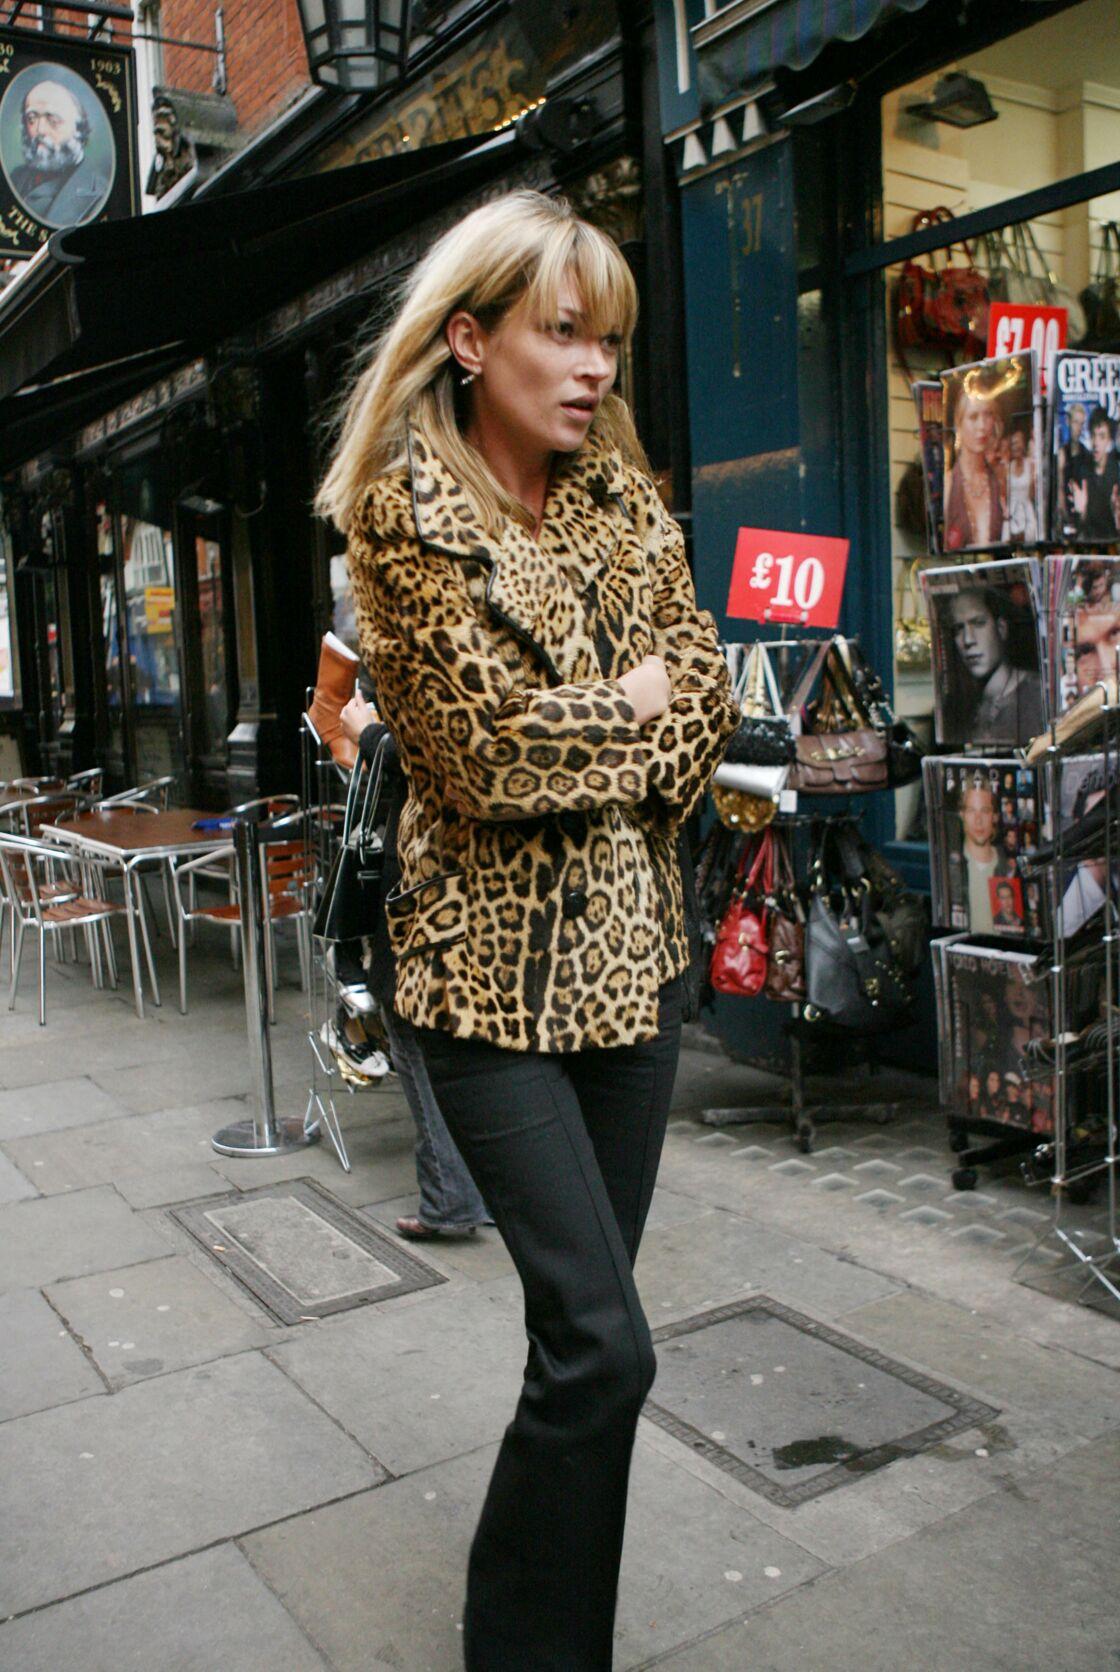 Kate Moss à Londres, arborant son manteau léopard fétiche, sa signature.